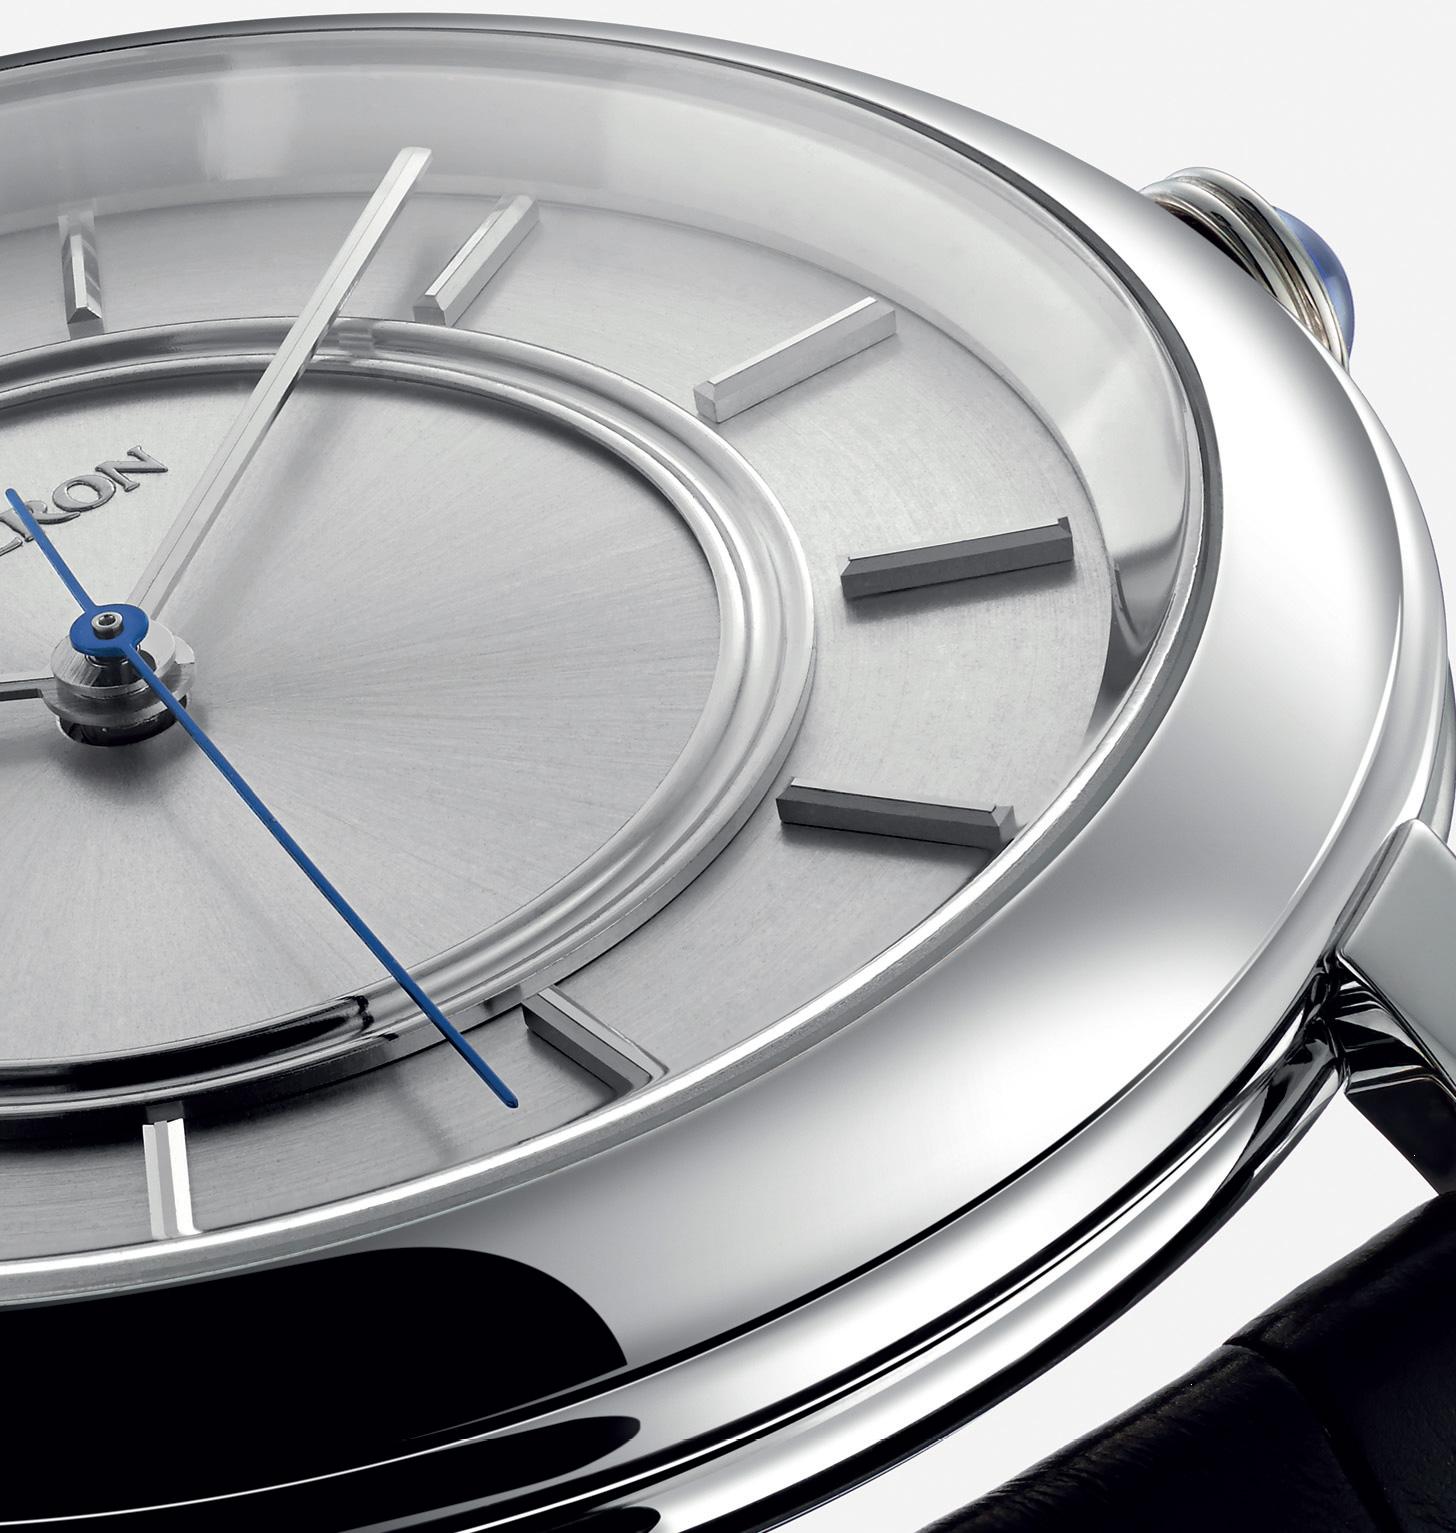 Boucheron-Épure-watch-in-white-gold-42mm-detail